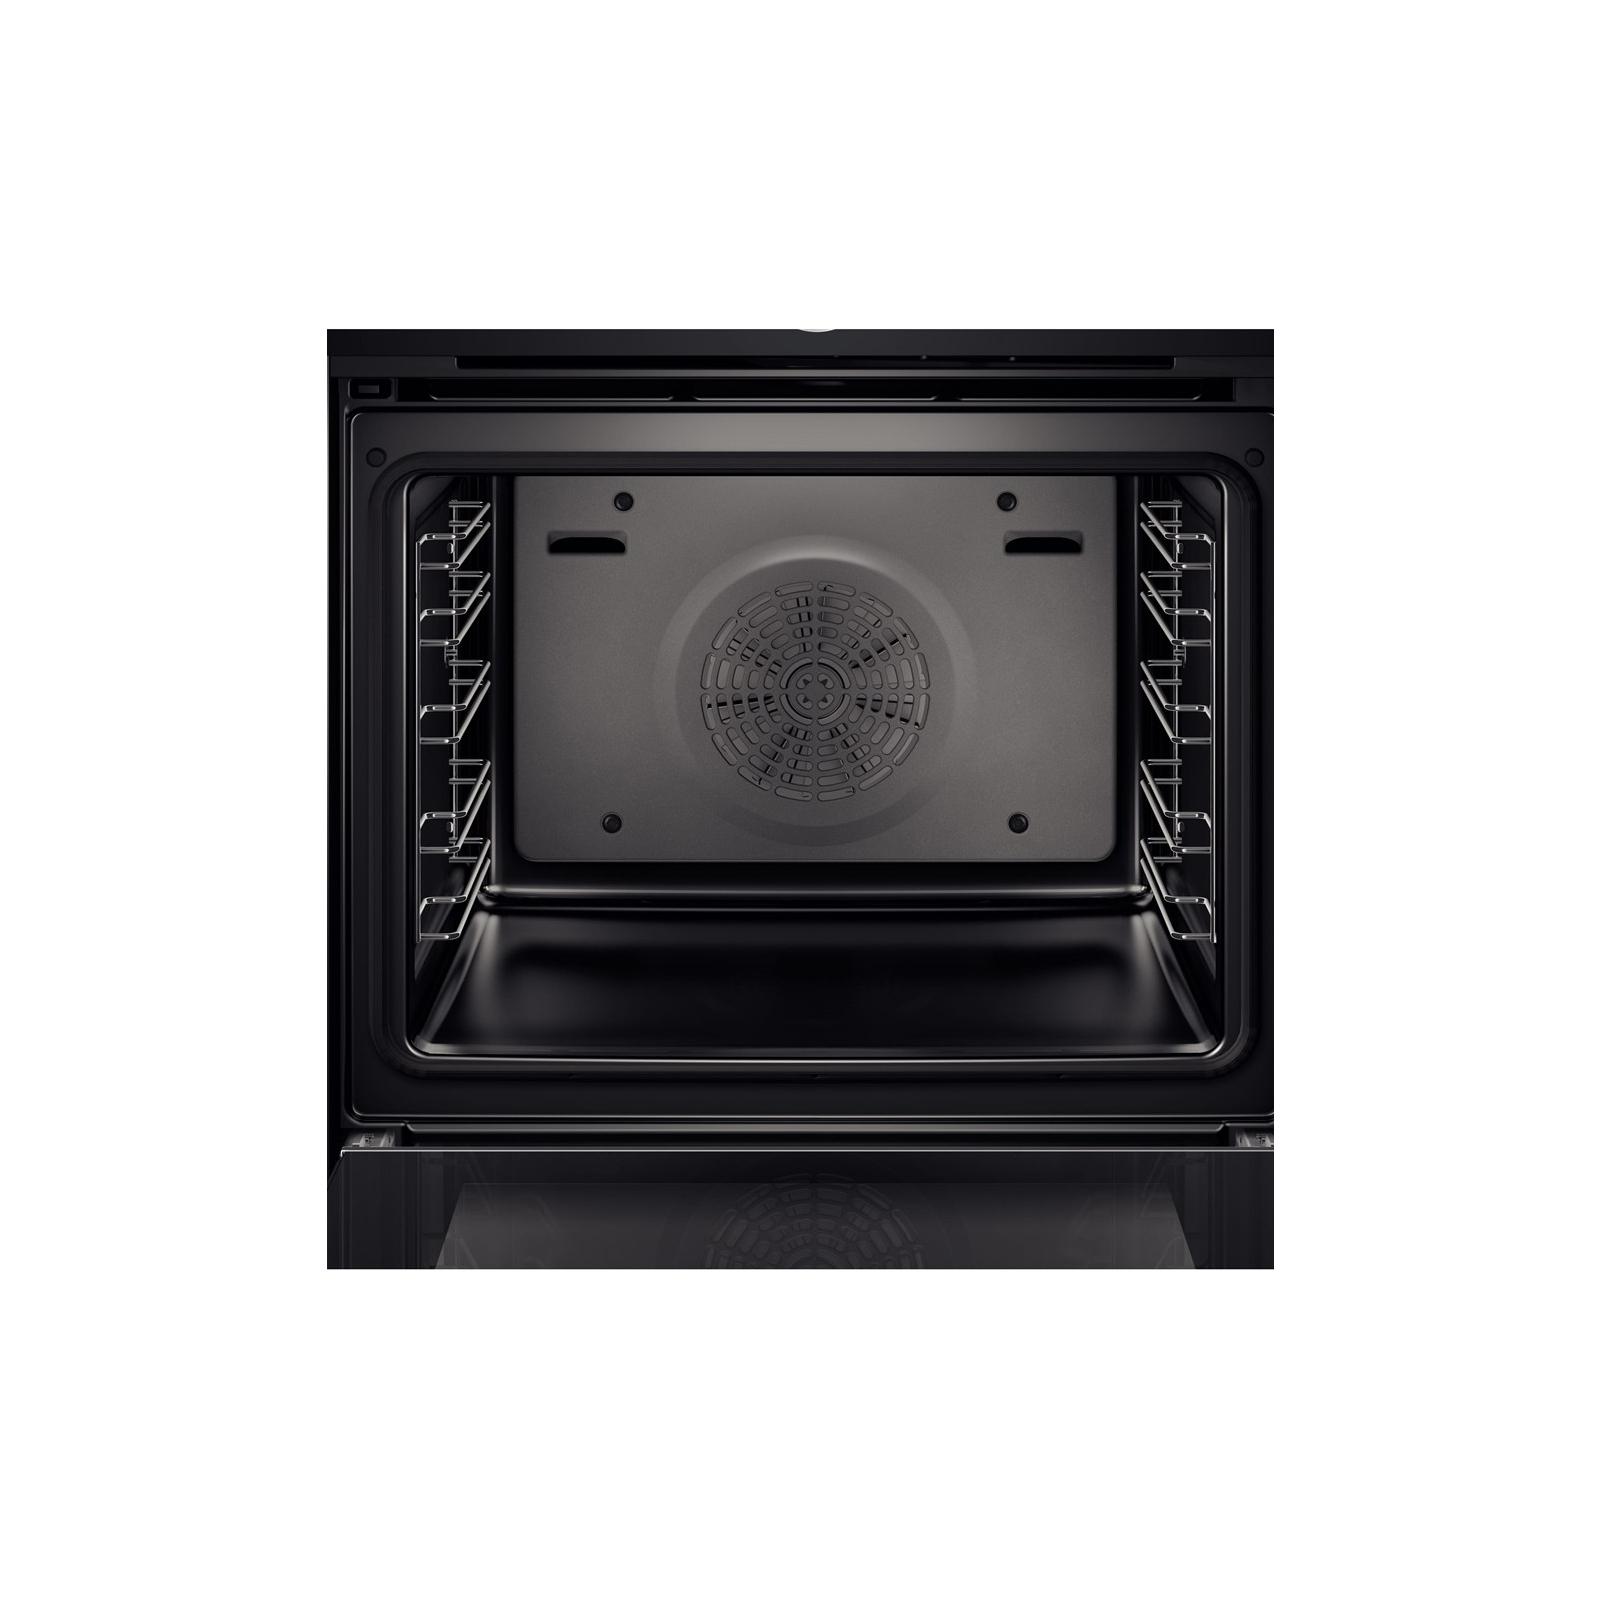 Духовой шкаф BOSCH HBG 633 BB1 (HBG633BB1) изображение 4